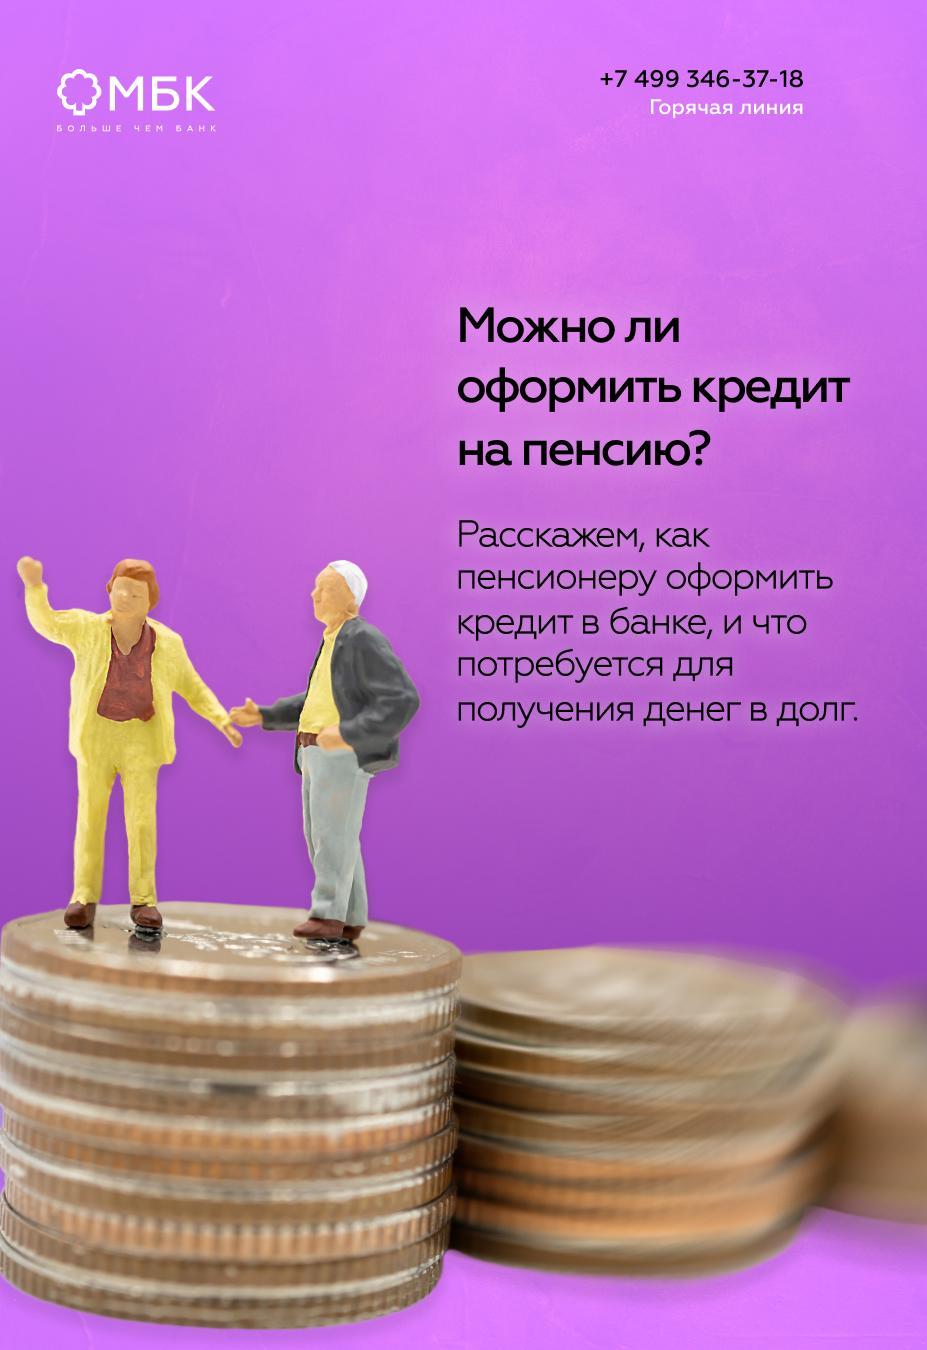 Можно ли оформить кредит на пенсию?